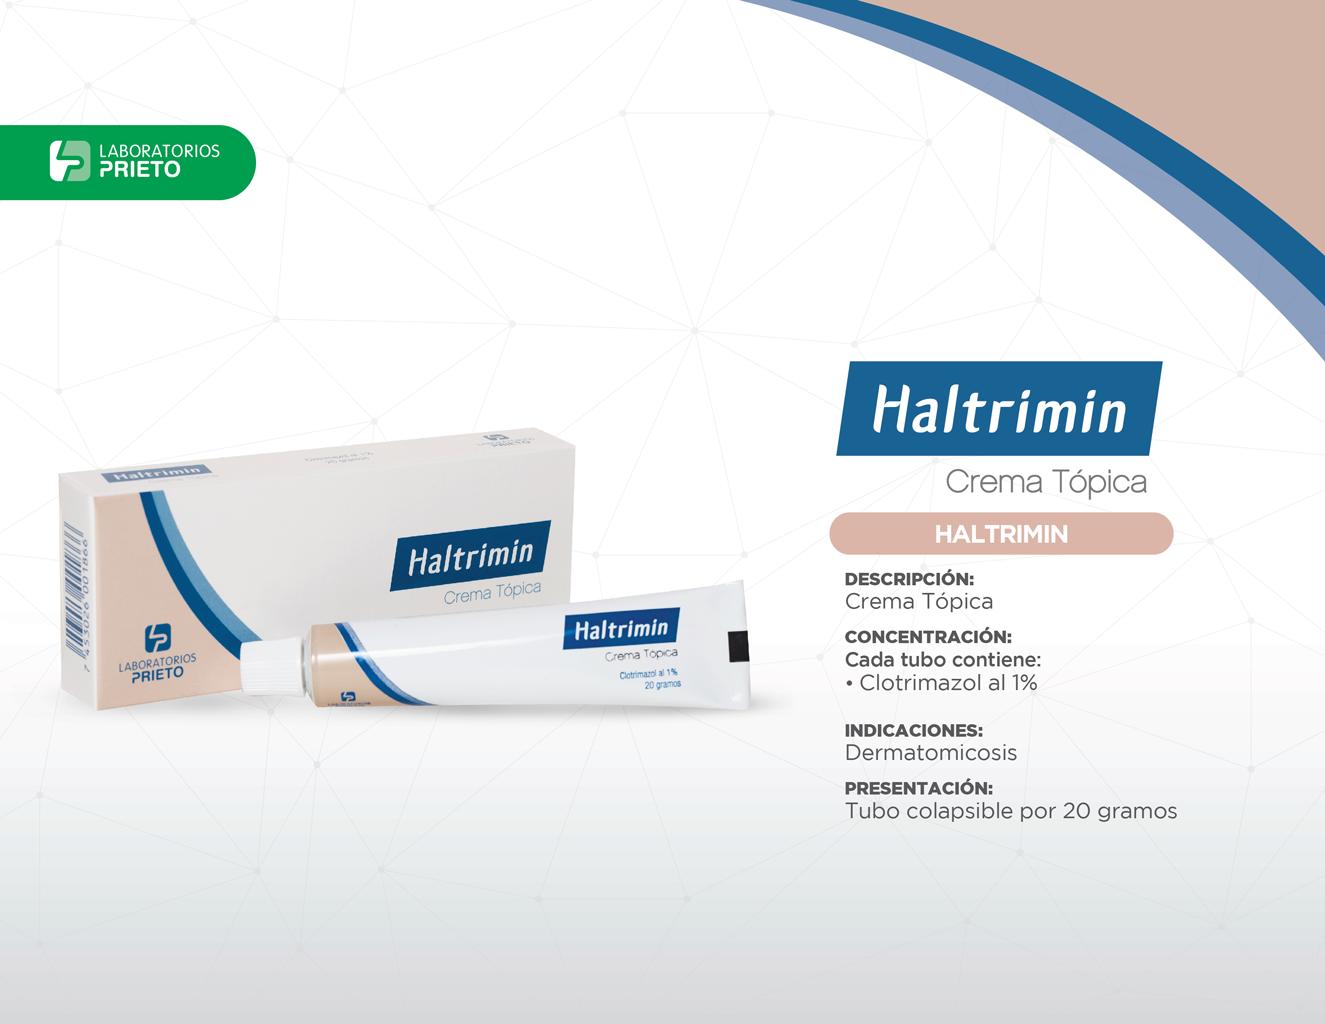 Vademecum-de-productos-Laboratorios-Prieto_Page_56